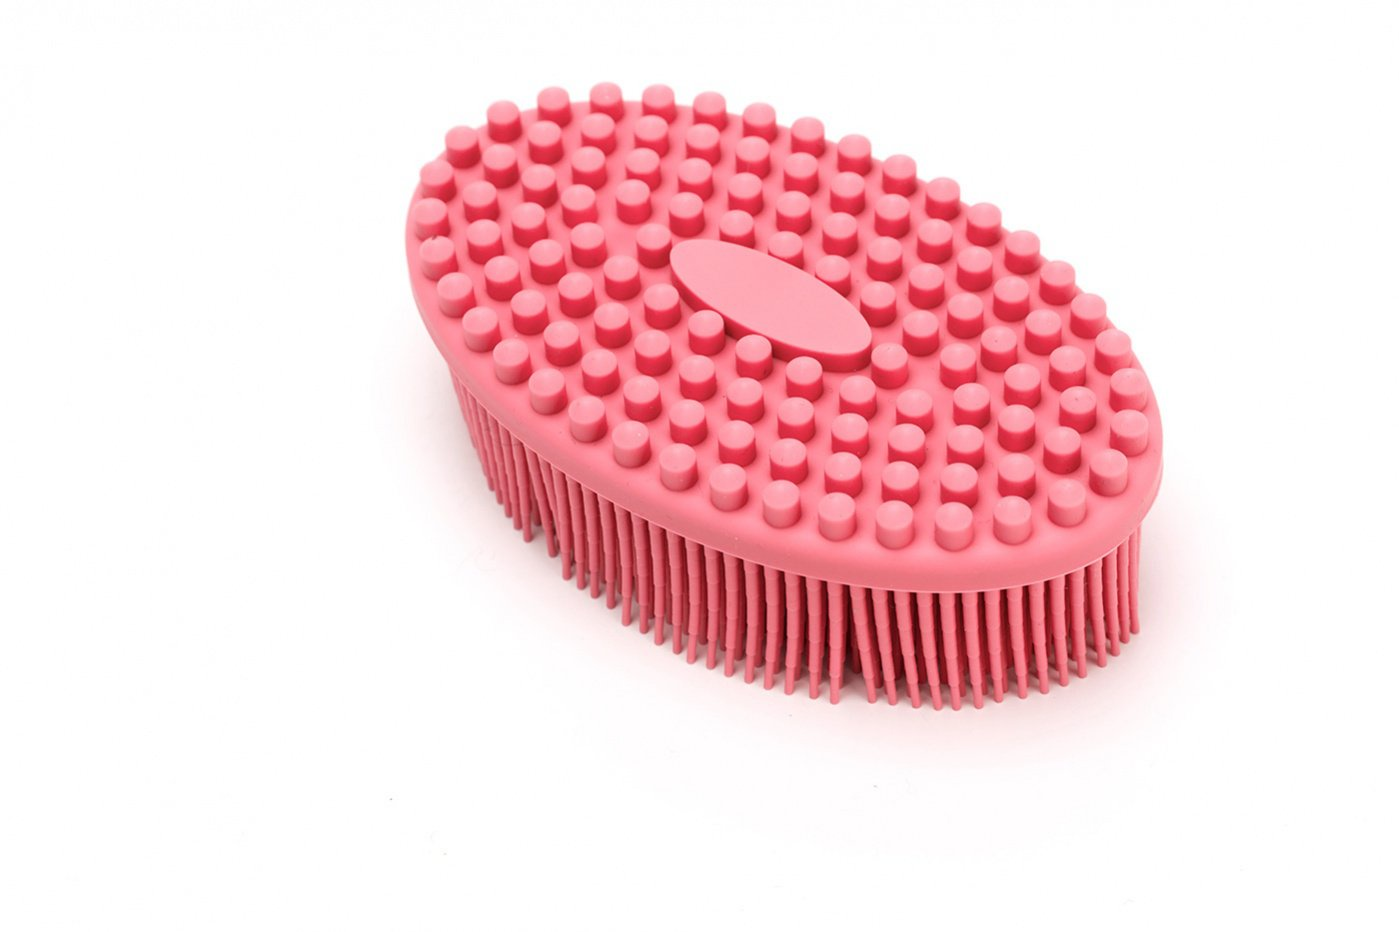 Щетка массажная Bradex для тела «АКТИНИЯ» KZ 0459, нежно-розовый щетка массажная для тела bradex актиния сиреневый